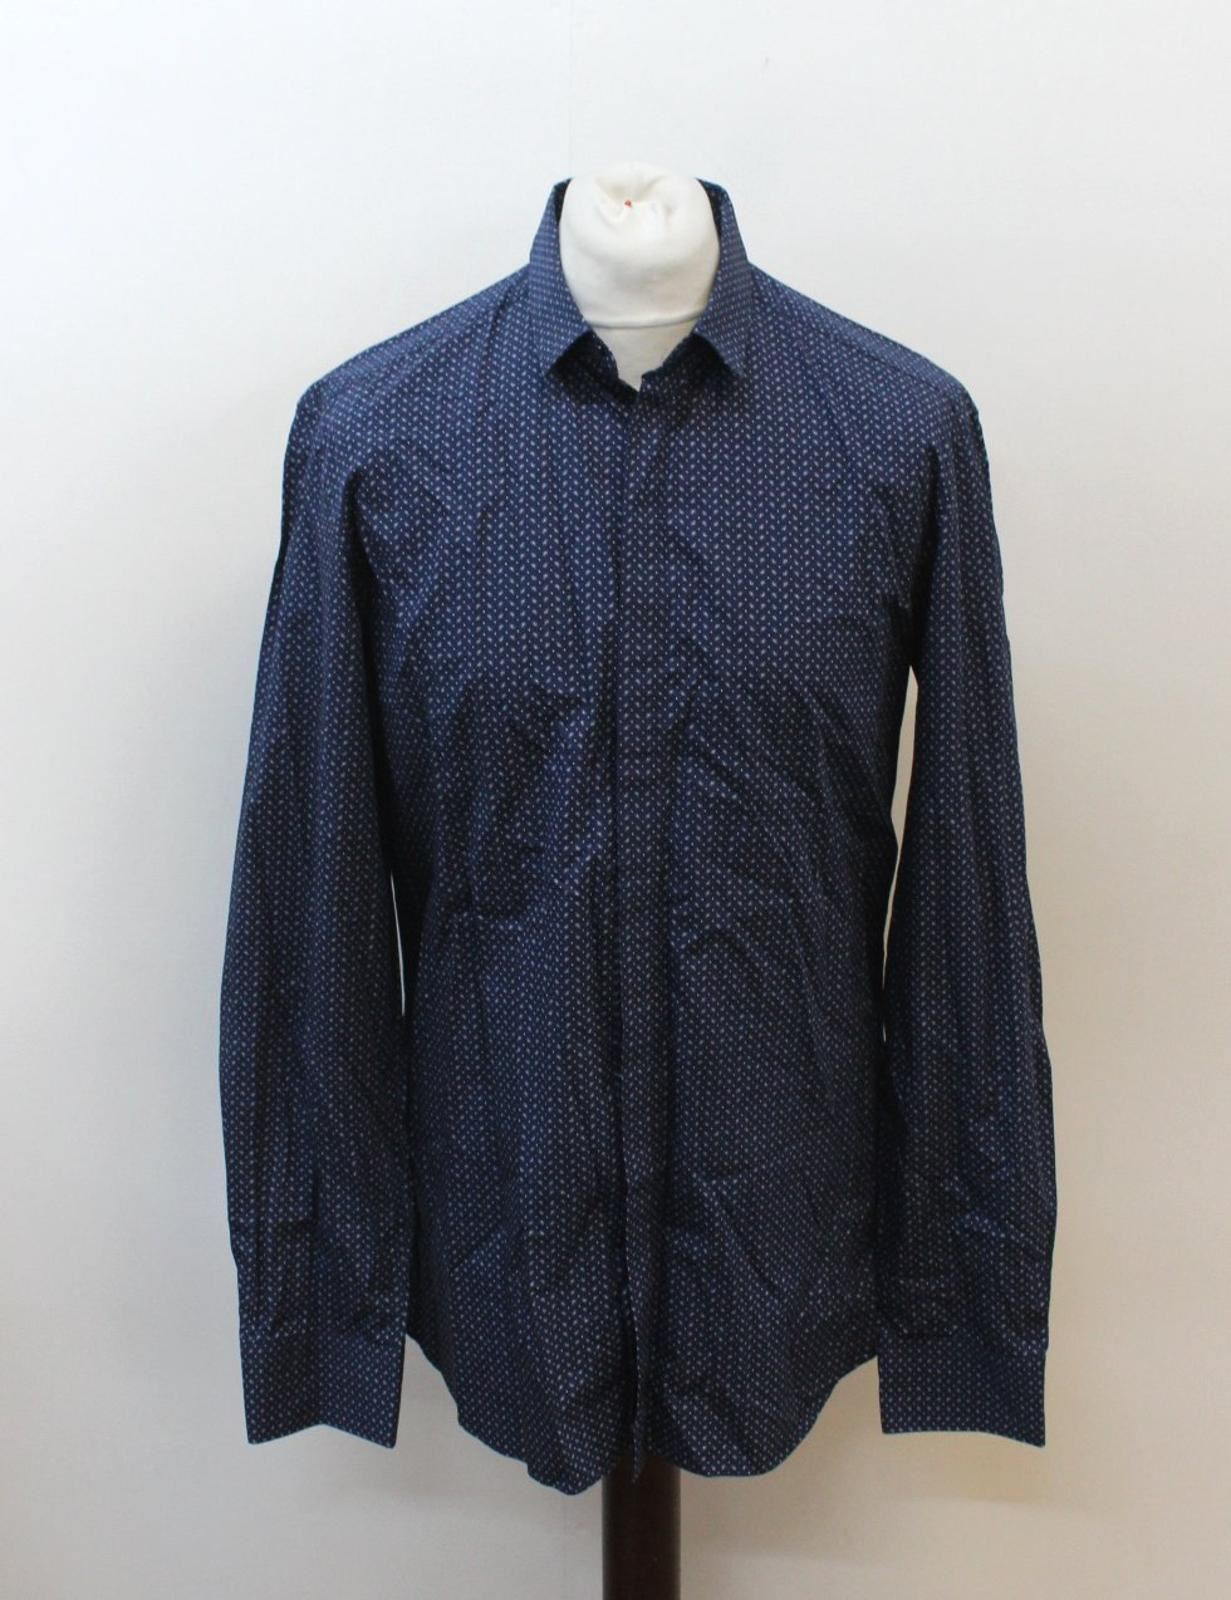 NEIL-BARRETT-Men-039-s-Navy-Blue-Paisley-Slim-Fit-Formal-Shirt-Collar-16-5-034-42cm